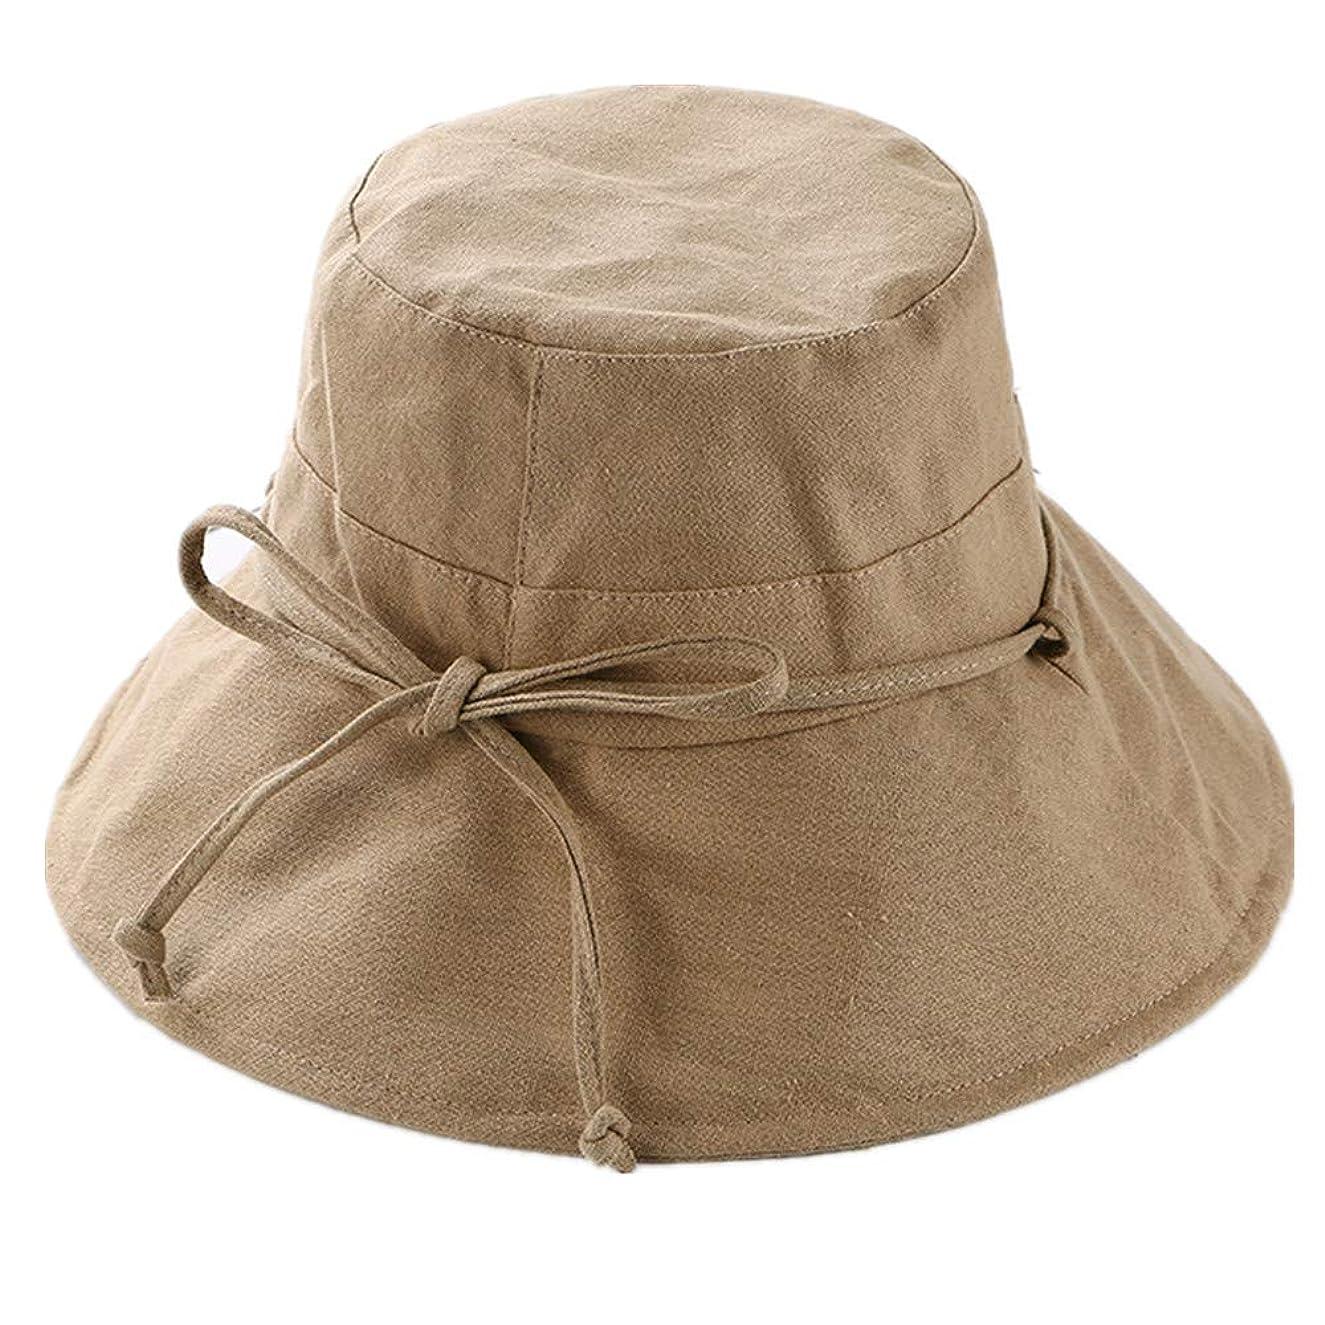 階層後方に急勾配のUVカット 帽子 レディース 日よけ 帽子 レディース つば広 ハット日よけ 折りたたみ 軽量 無地 洗える 紫外線対策 ハット カジュアル 旅行用 日よけ 夏季 女優帽 小顔効果抜群